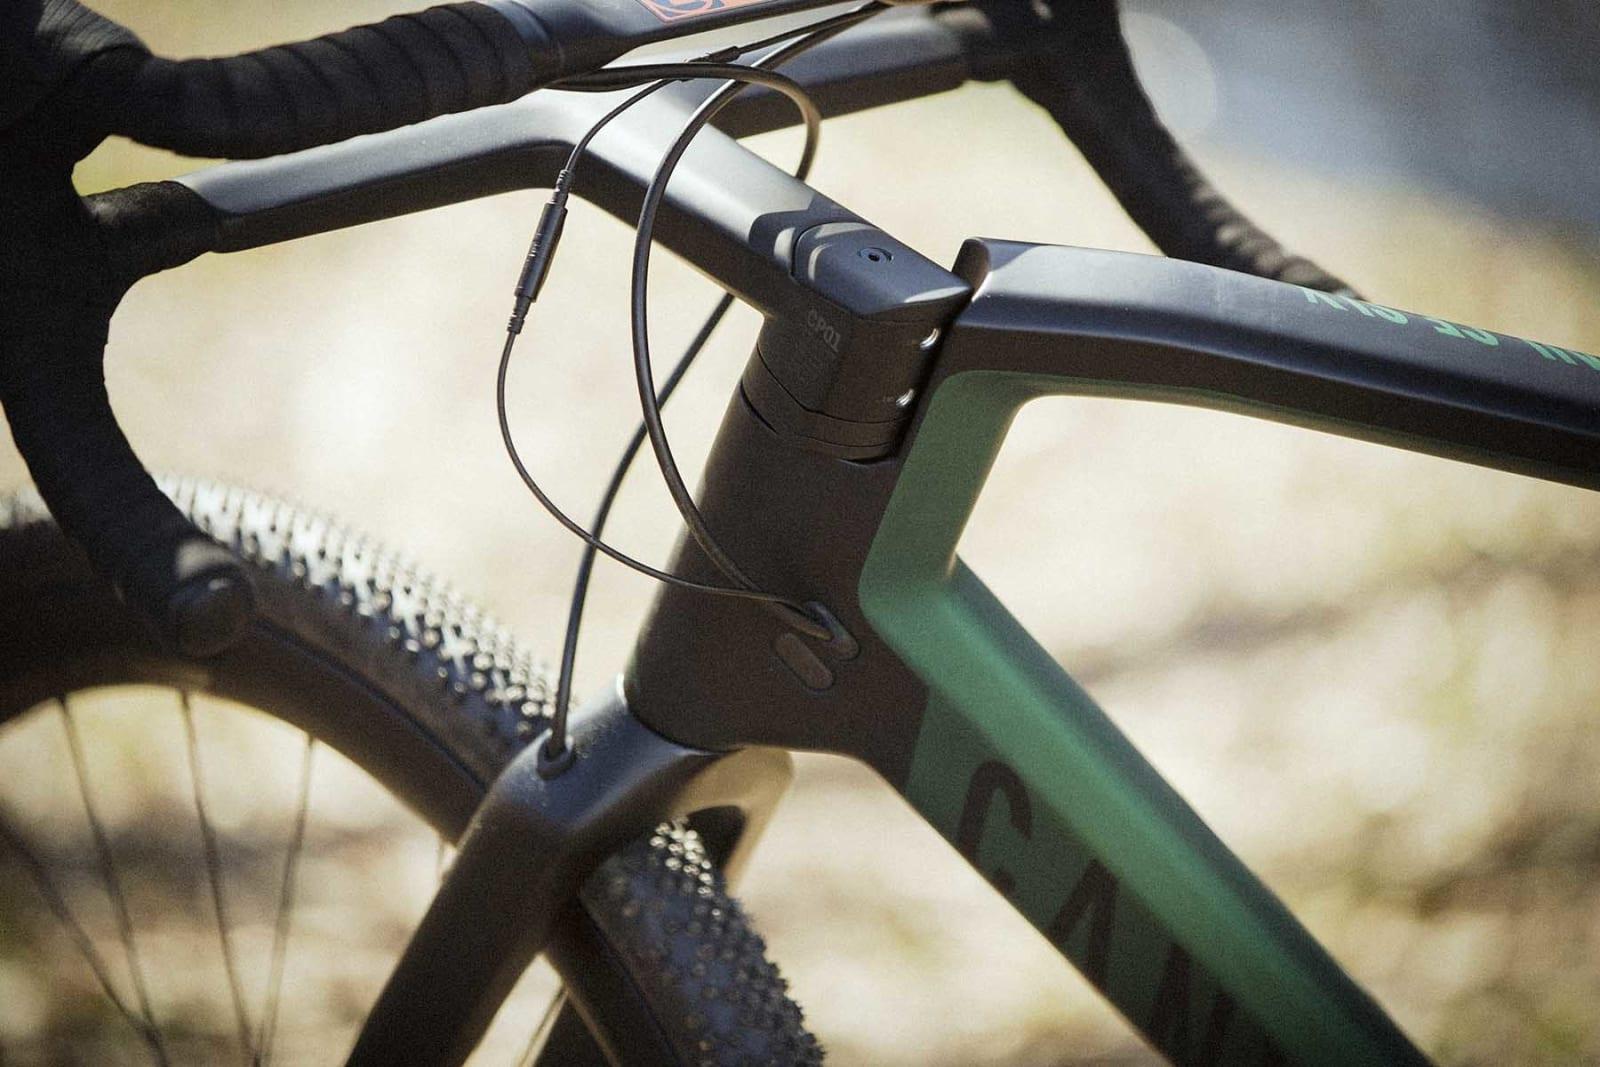 PROPRIETÆRT: Sykkelen er delvis bygget rundt styret, og du kan derfor ikke sette på et vanlig styre.